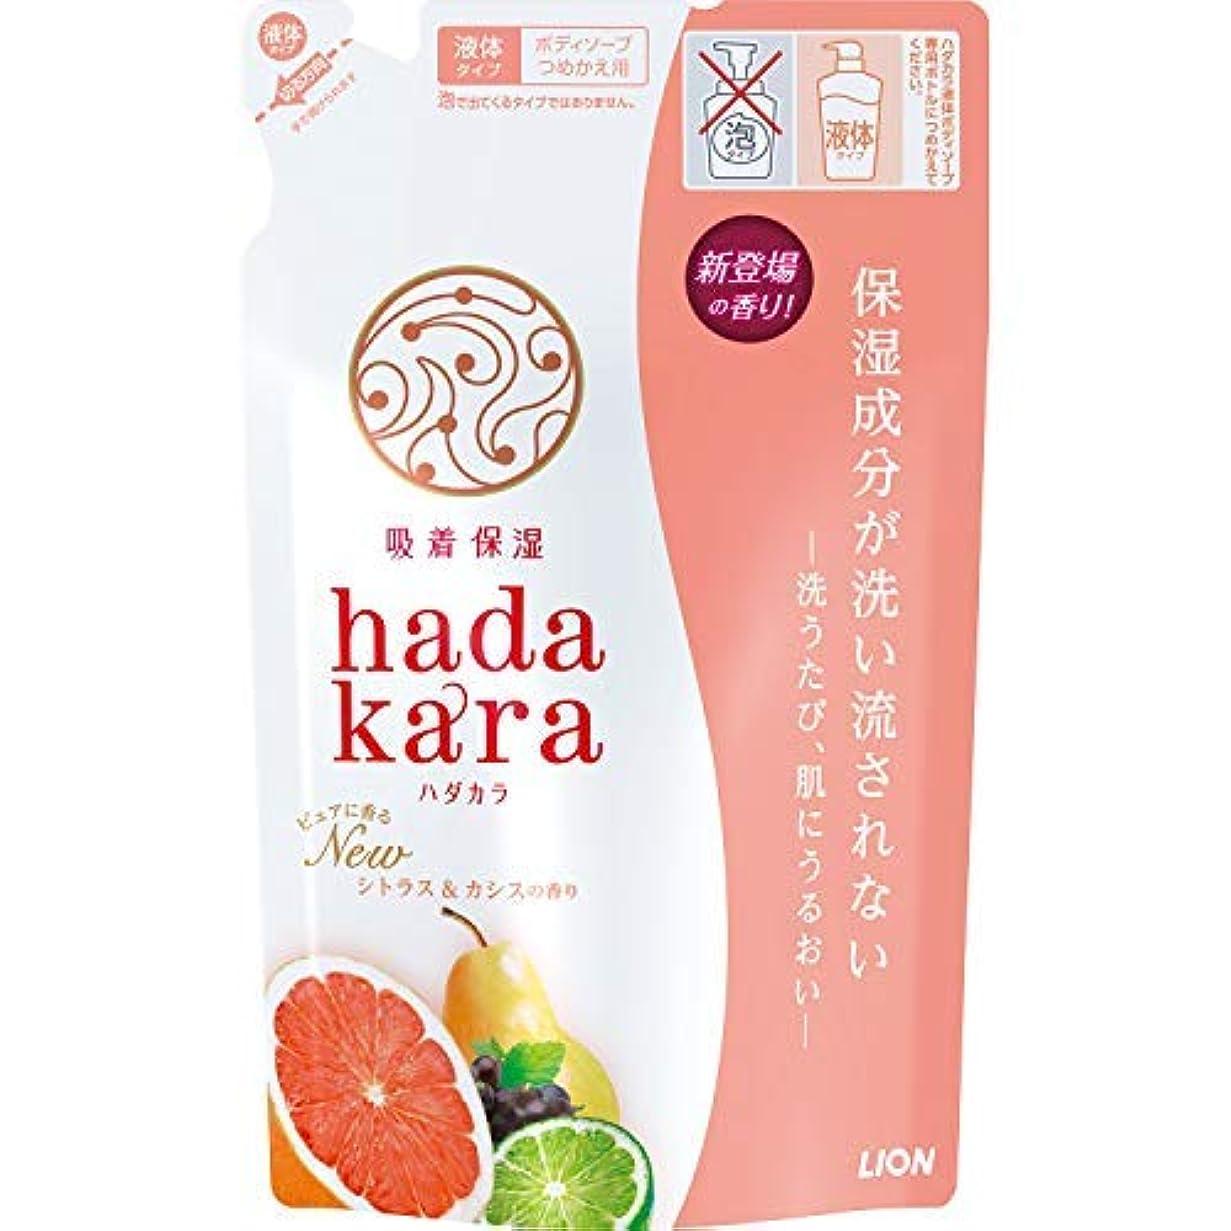 キャロラインマイルストーン復活hadakara(ハダカラ)ボディソープ シトラス&カシスの香り 詰替え用 360ml × 8個セット